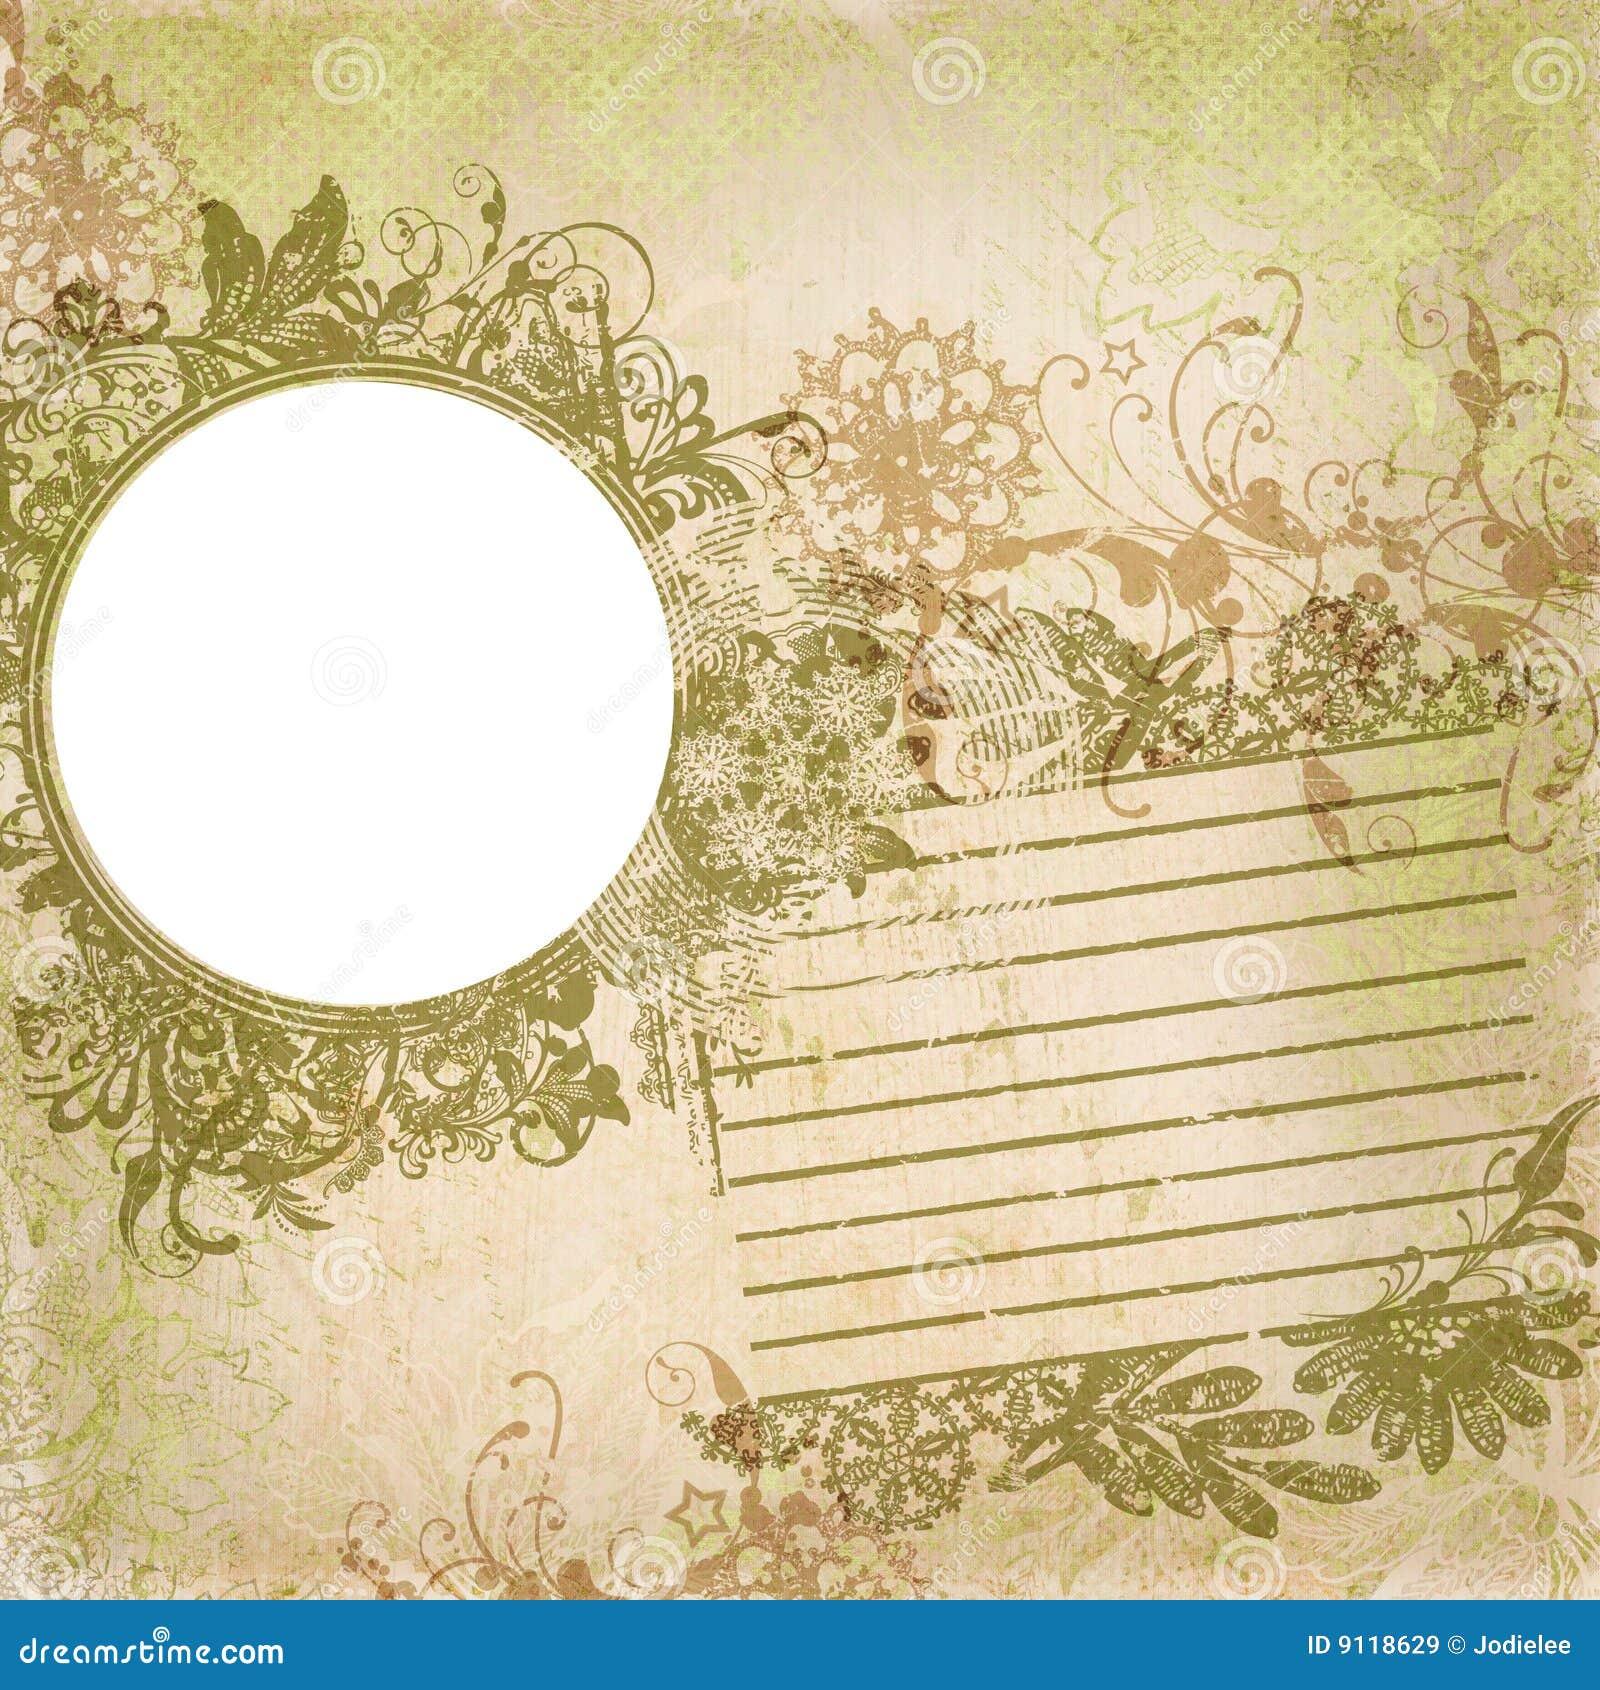 Artisti Batik Floral Design Frame Background Stock